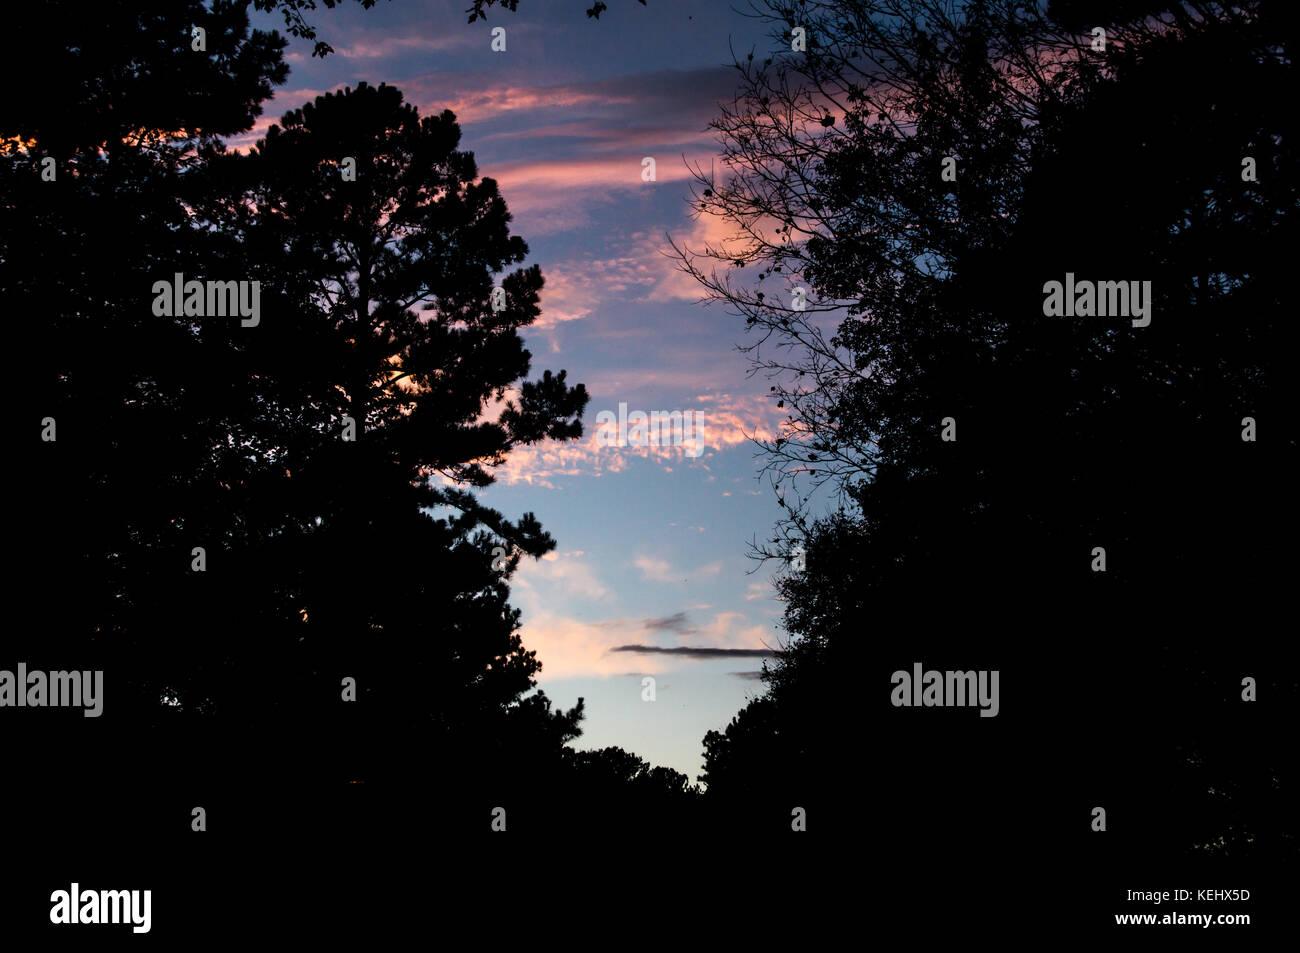 Coucher de soleil avec nuages rose et un nuage sombre Photo Stock